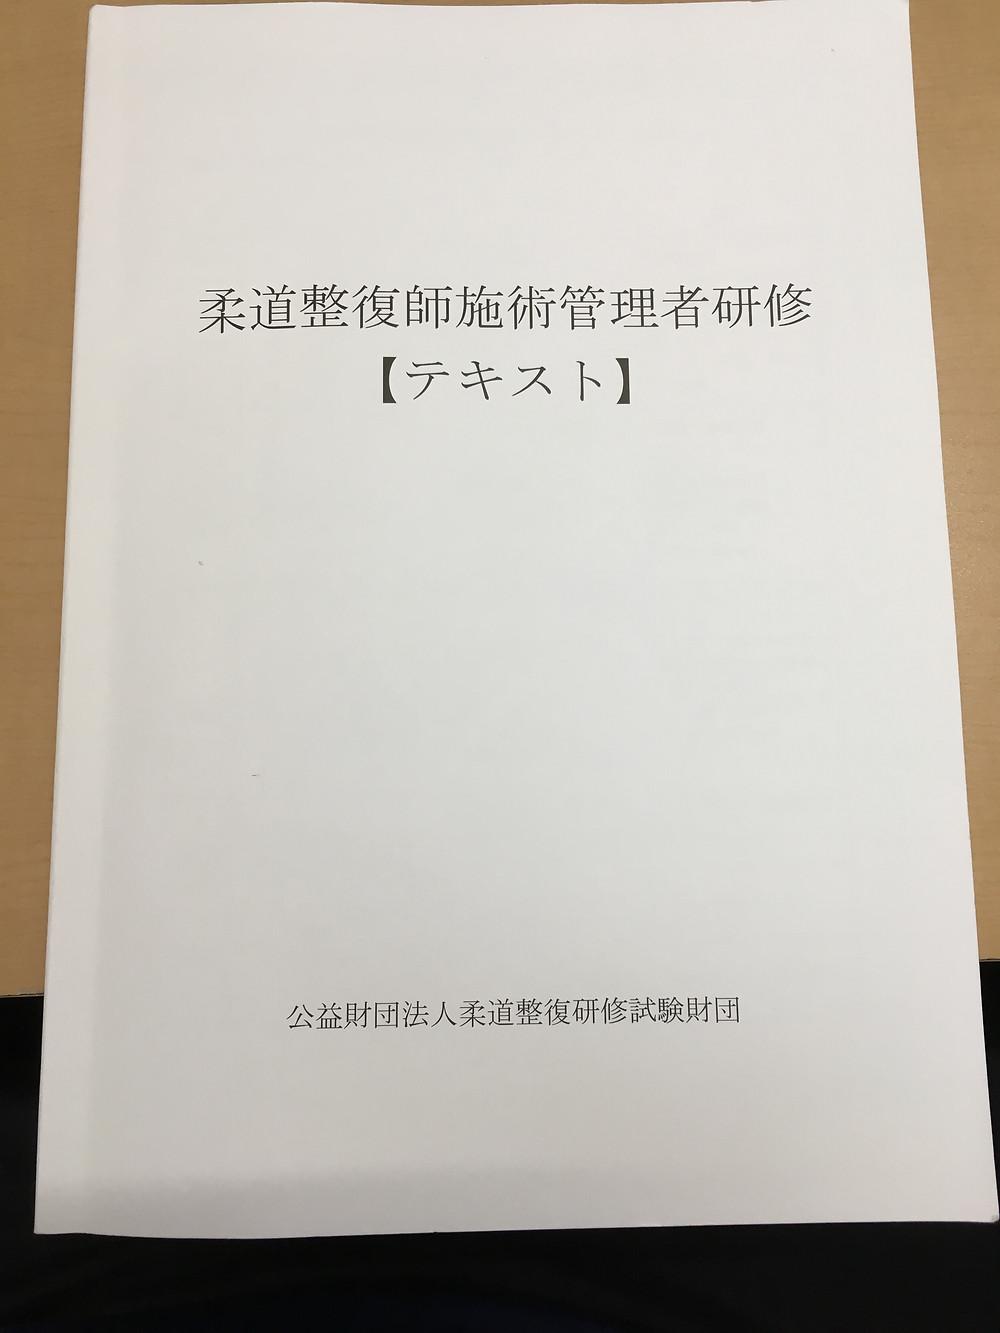 柔道整復師施術管理者研修テキスト